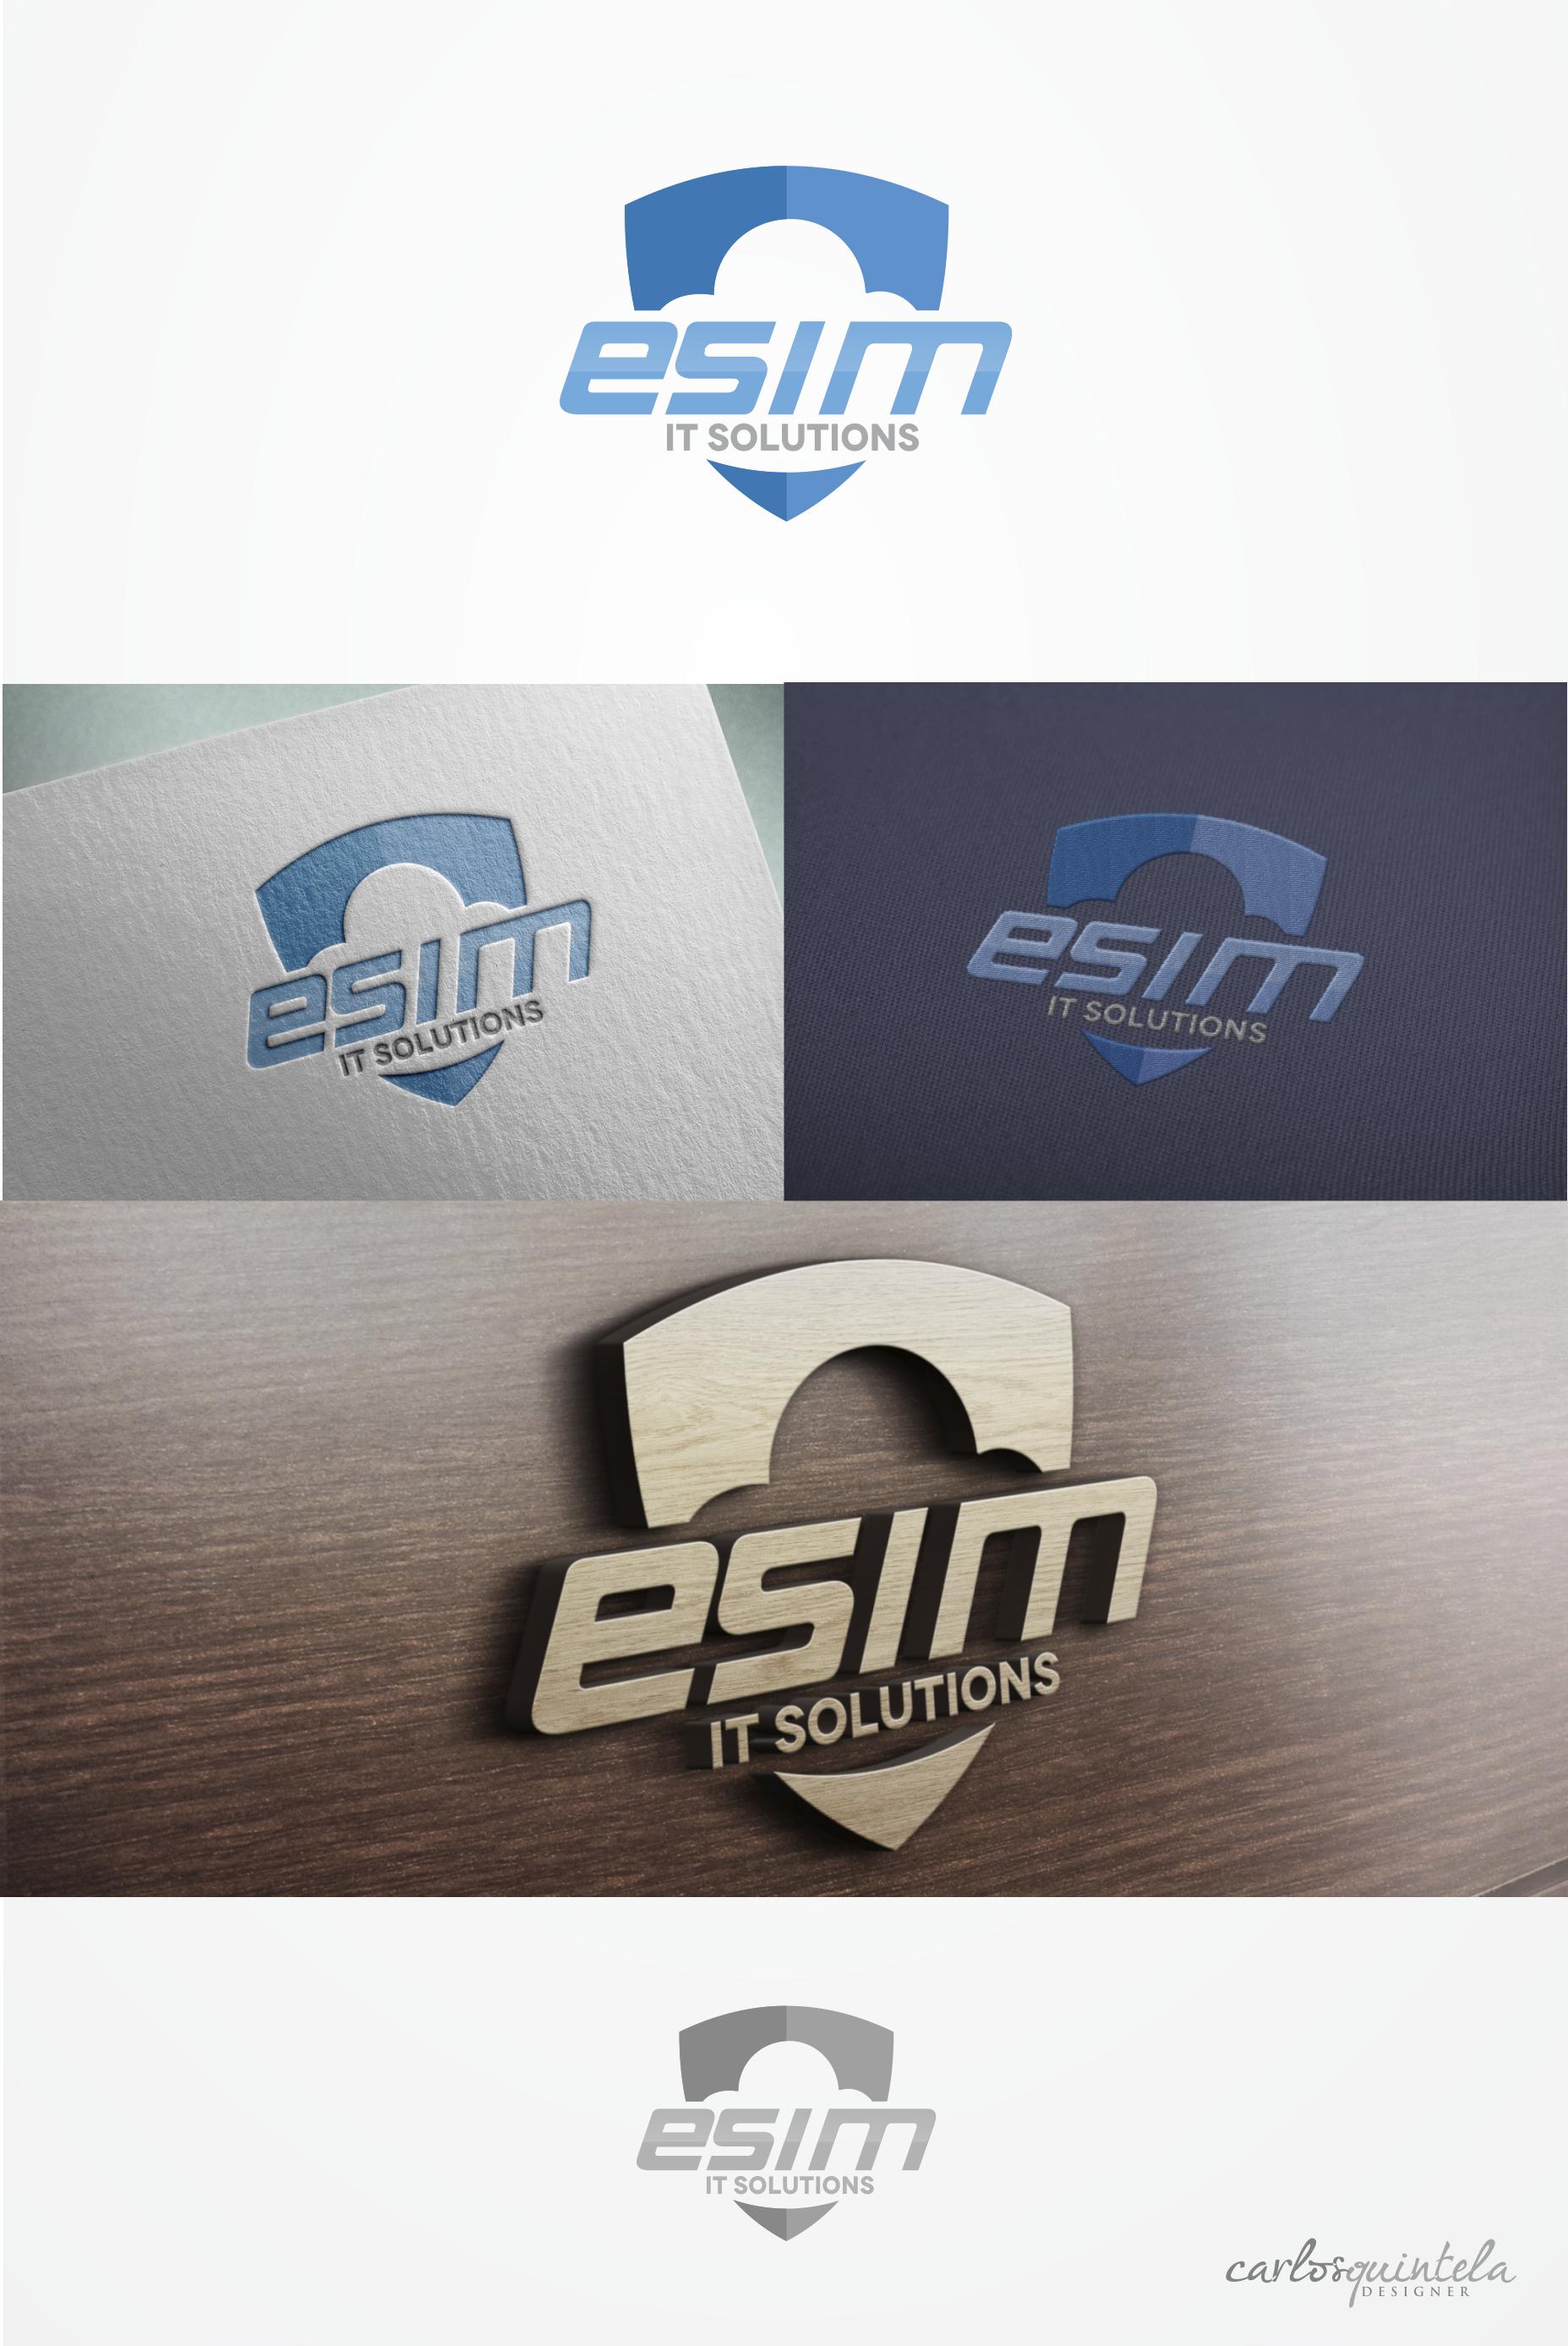 Crie uma logo para uma empresa de prestação de serviços em tecnologia.